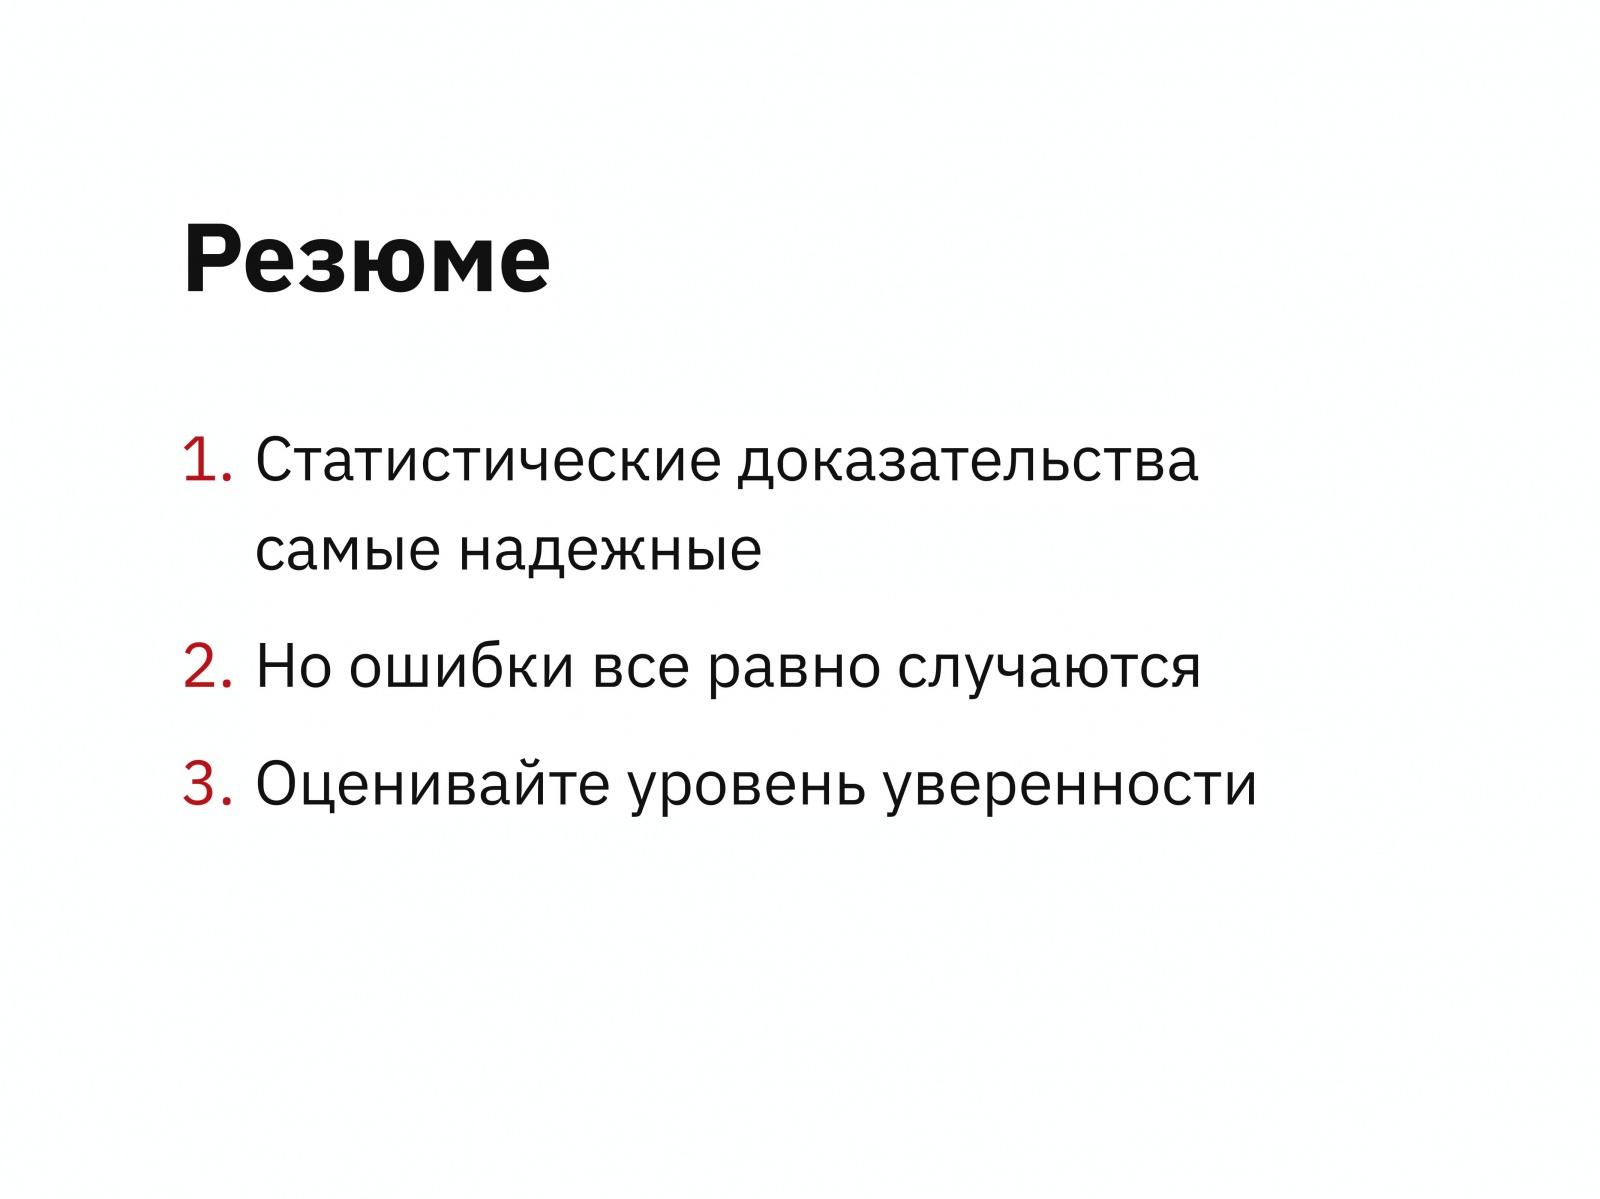 Алексей Каптерев: Критическое мышление 101 (часть 2) - 87